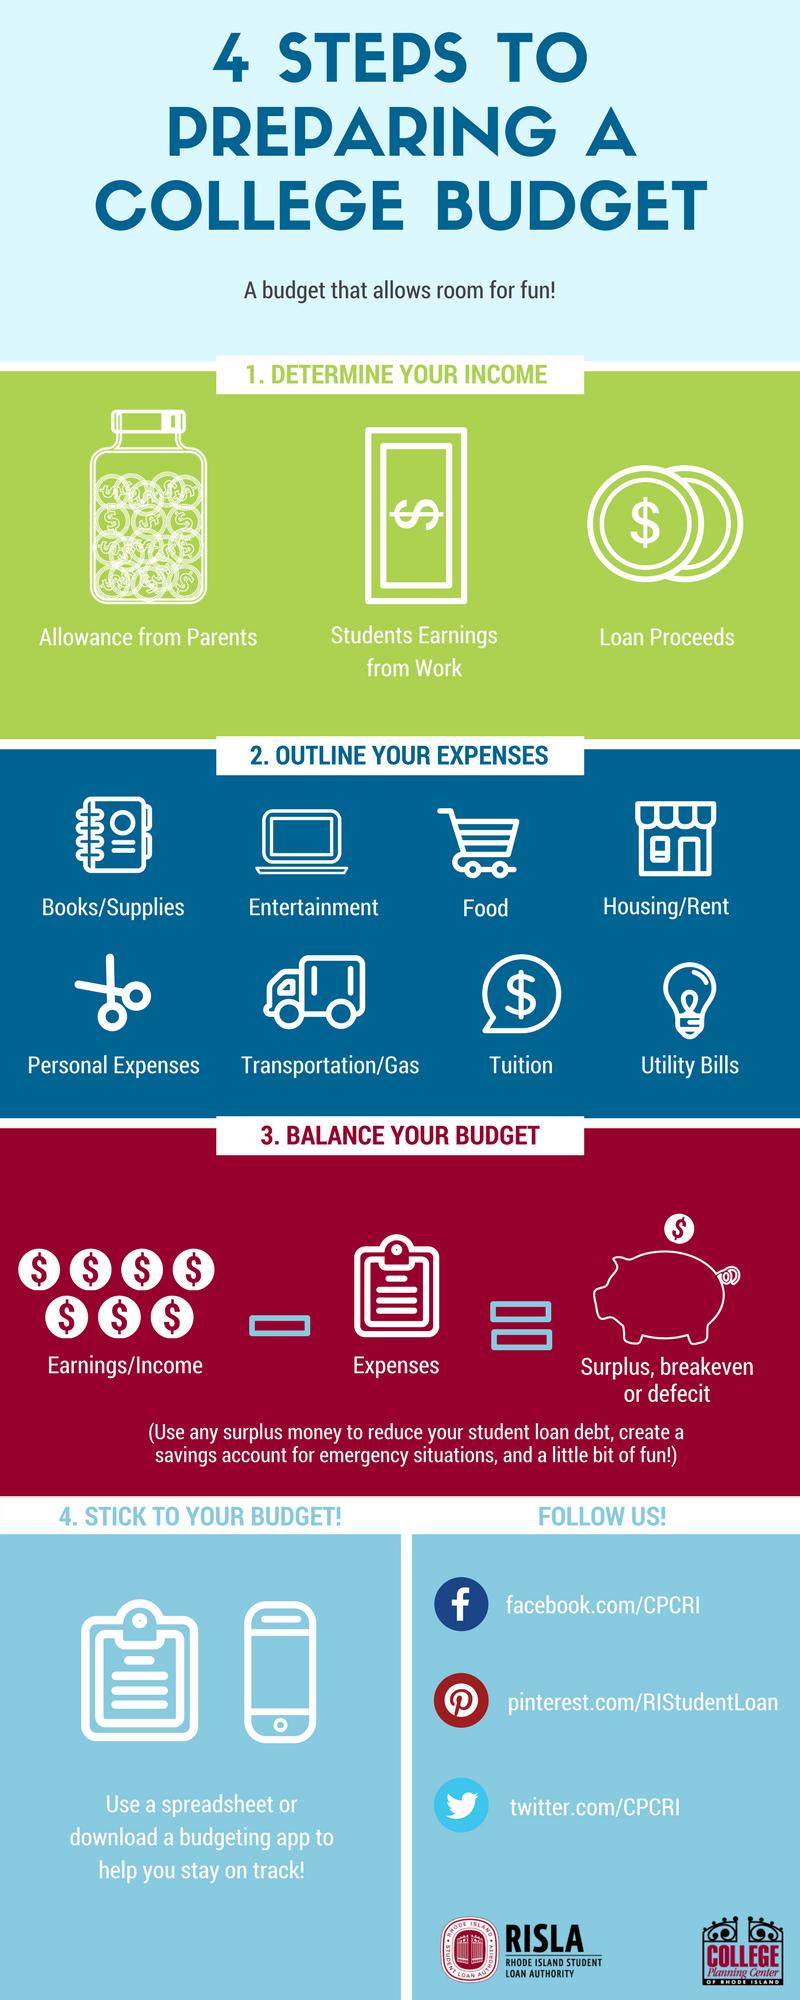 Preparing a College Budget